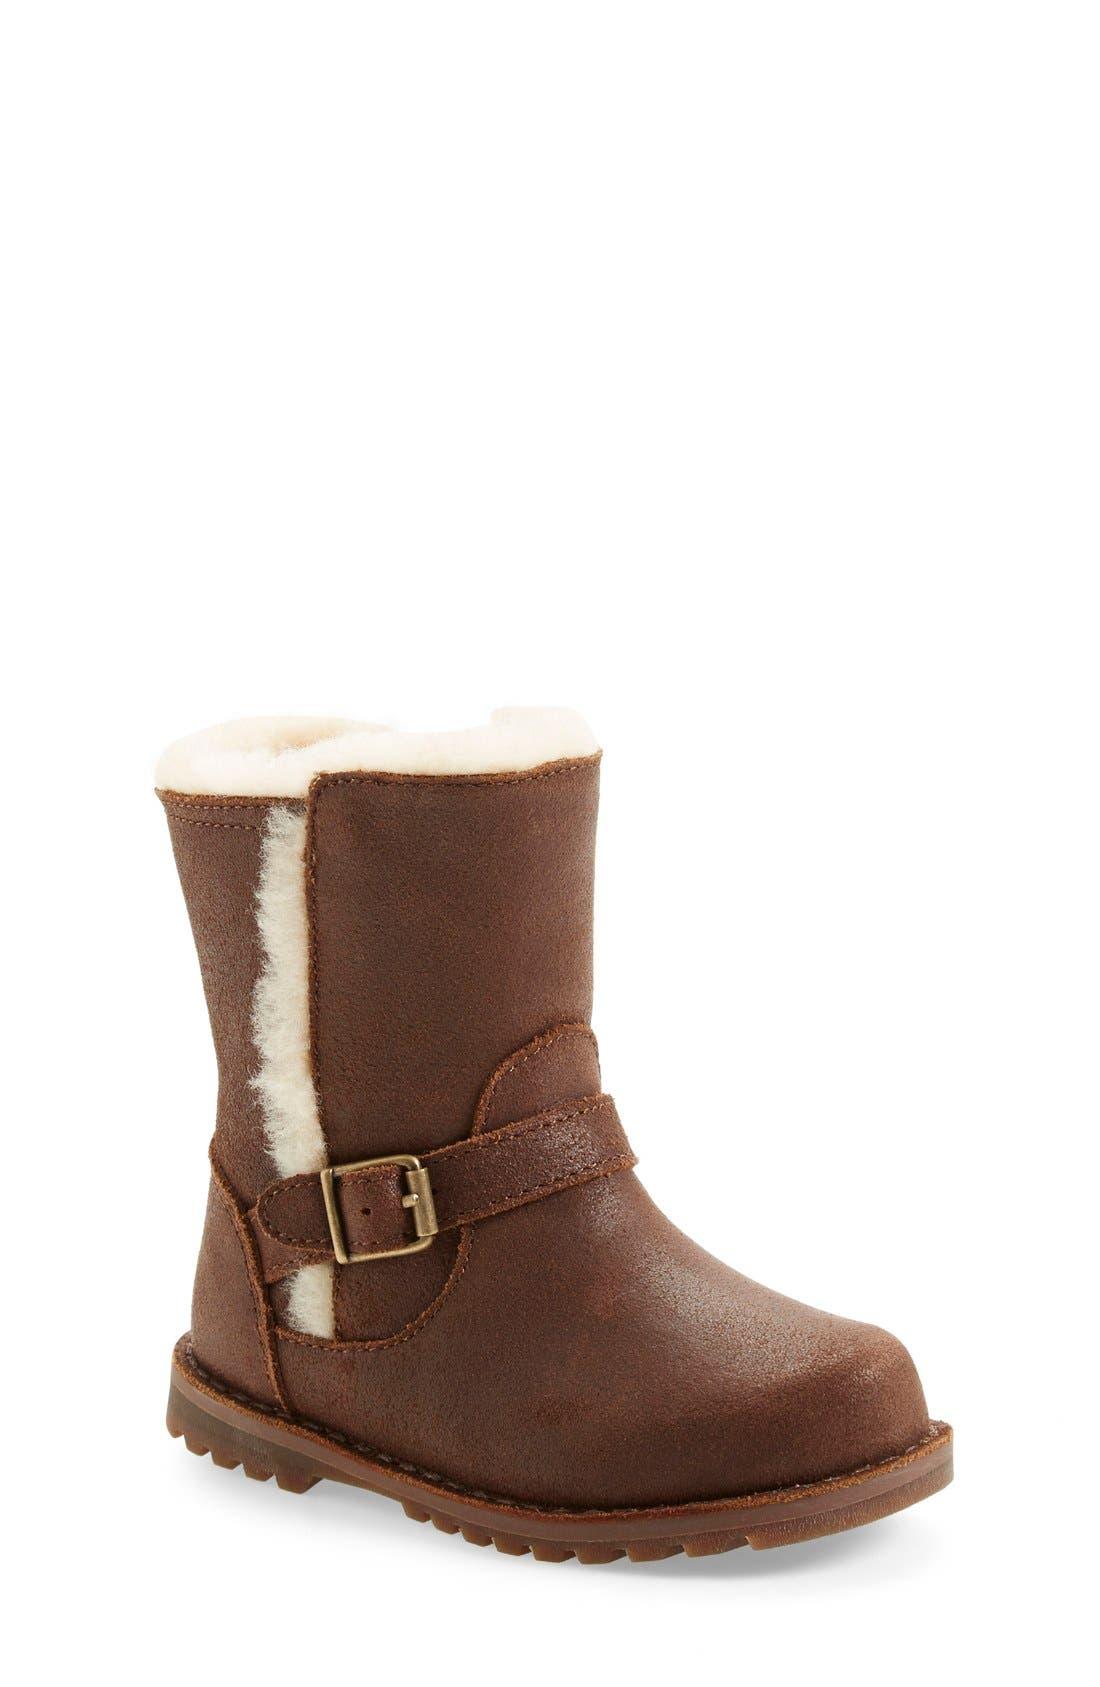 Alternate Image 1 Selected - UGG® 'Holmes' Boot (Walker & Toddler)